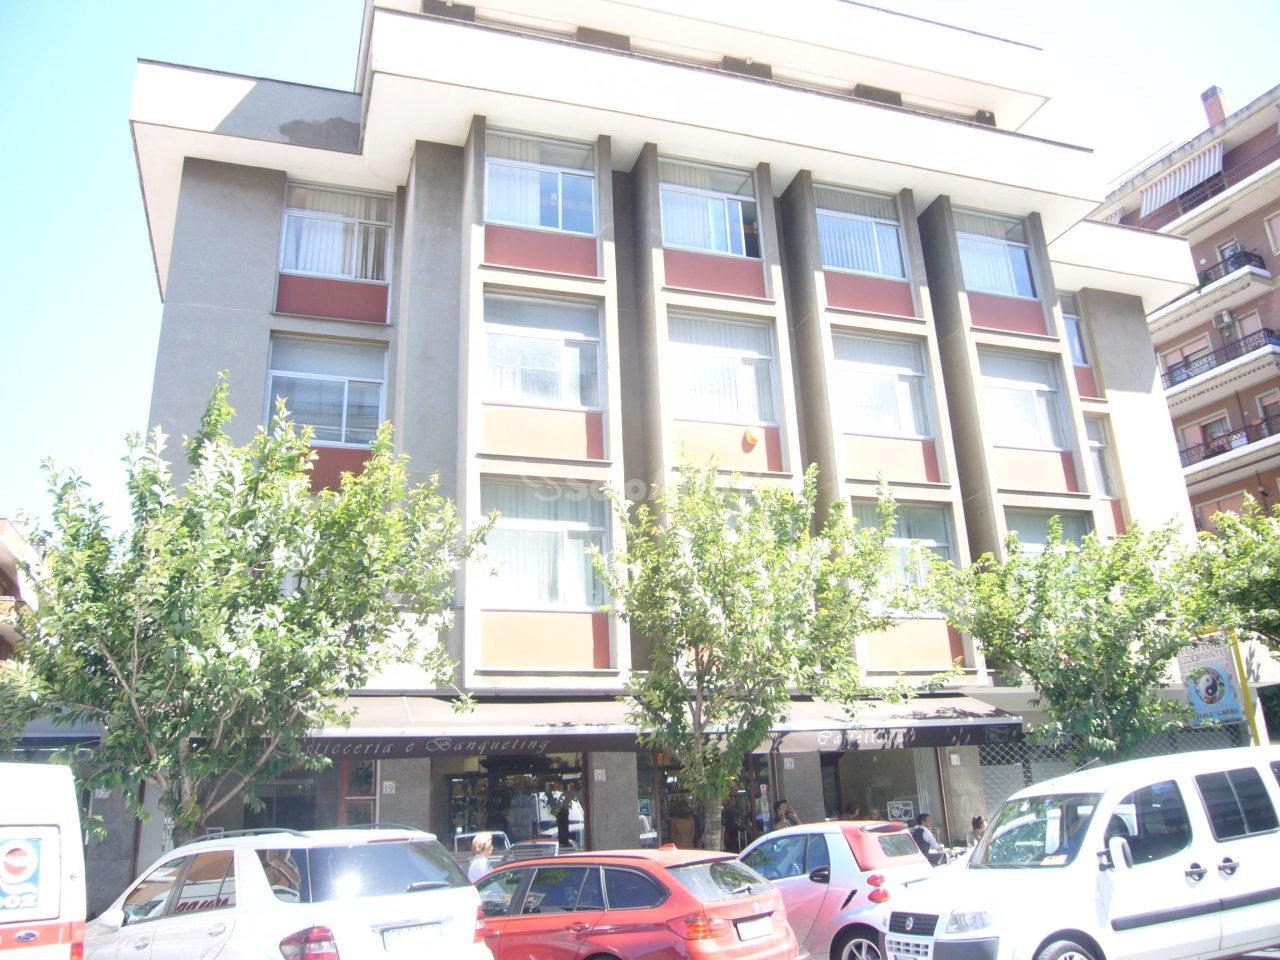 Ufficio - oltre 4 locali a Eur, Roma Rif. 8131846